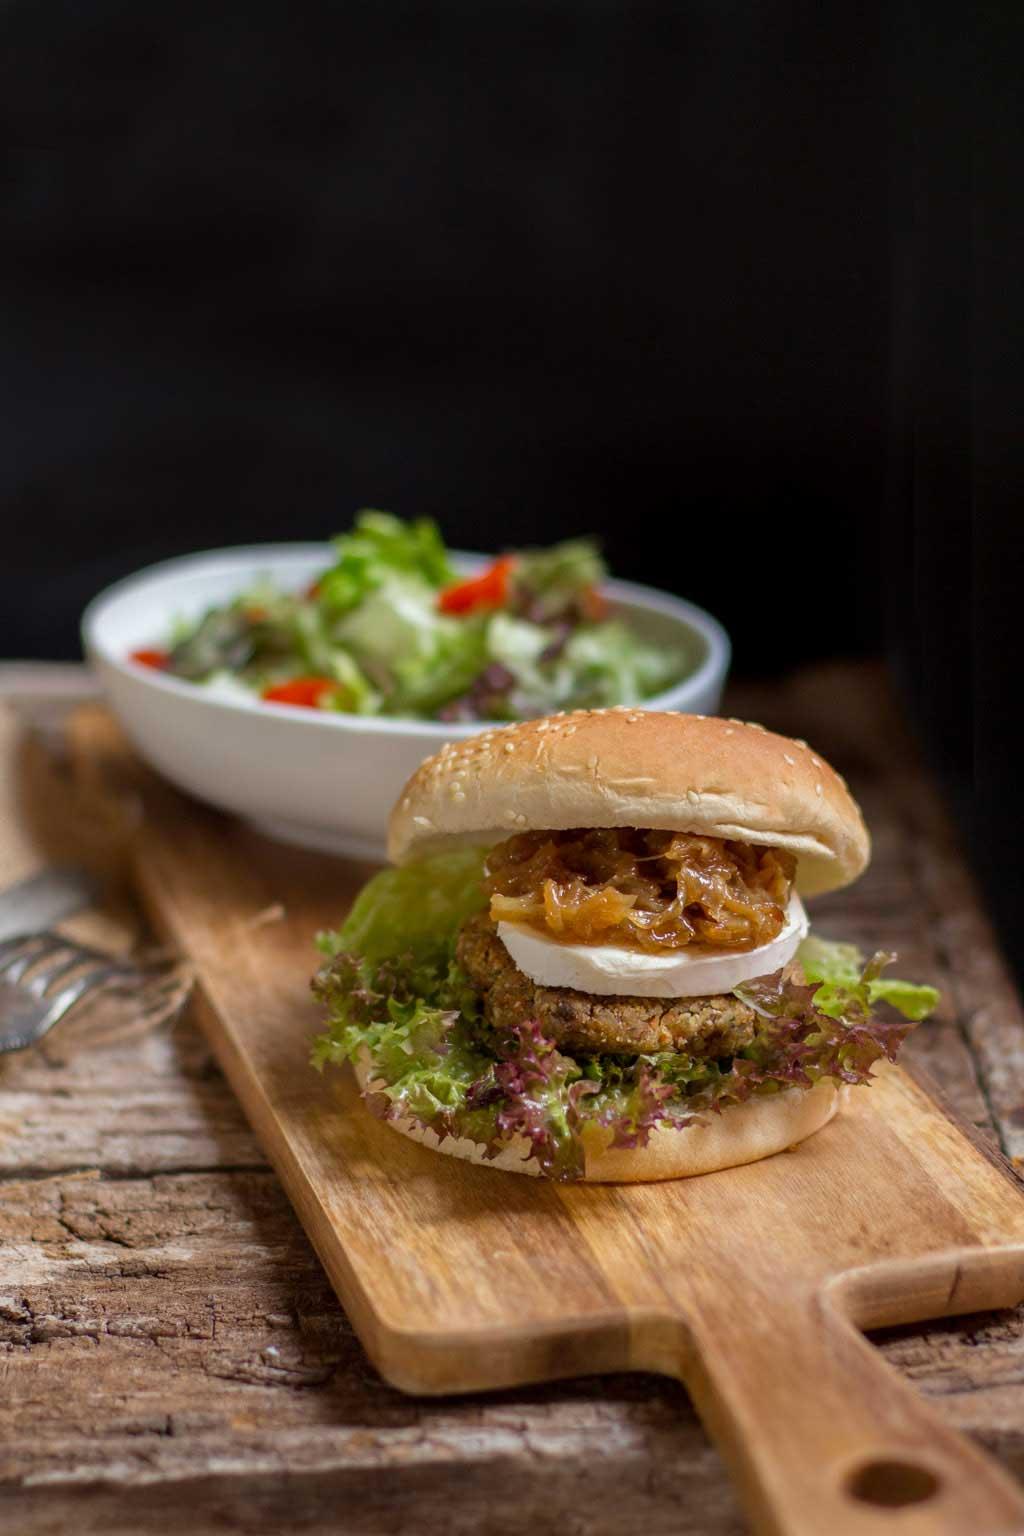 hamburguesa de soja texturizada